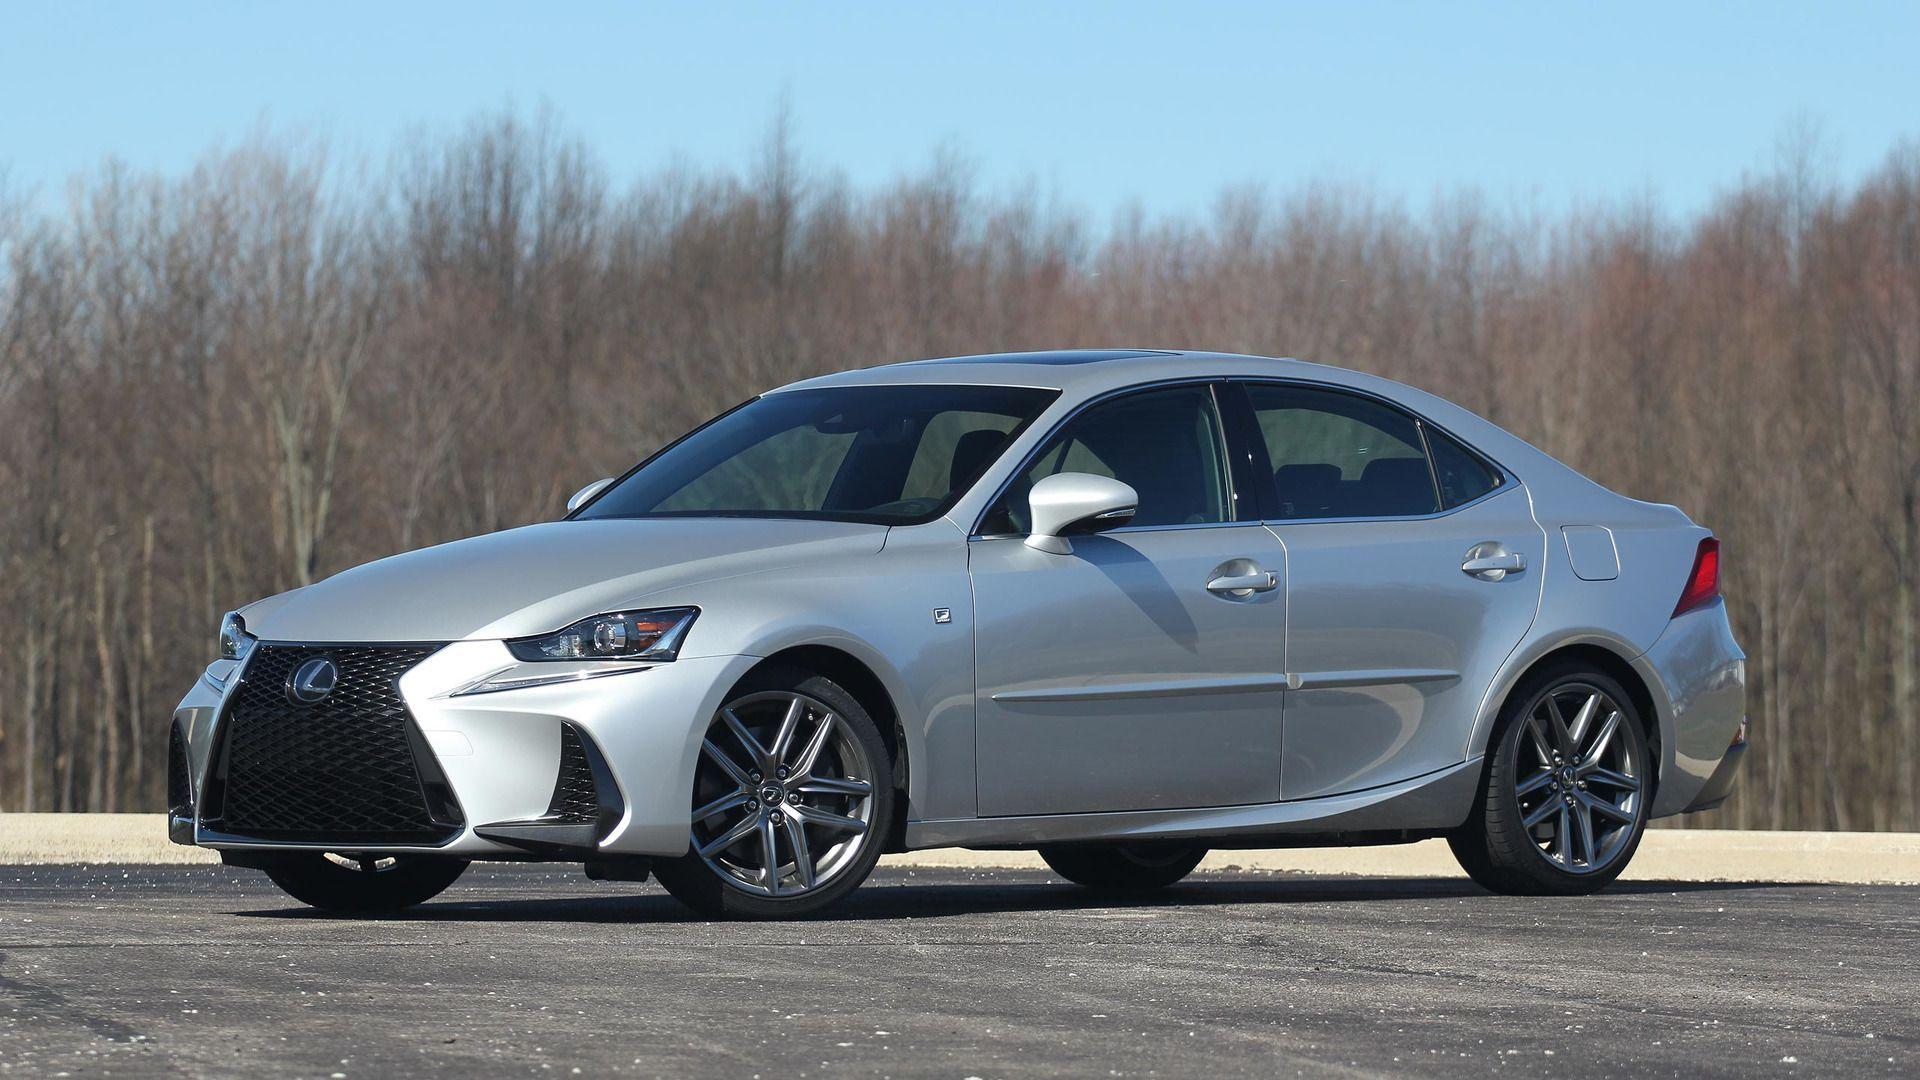 Lexus Is 300h 2020 Price And Release Date Lexus Lexus Es Lexus Cars